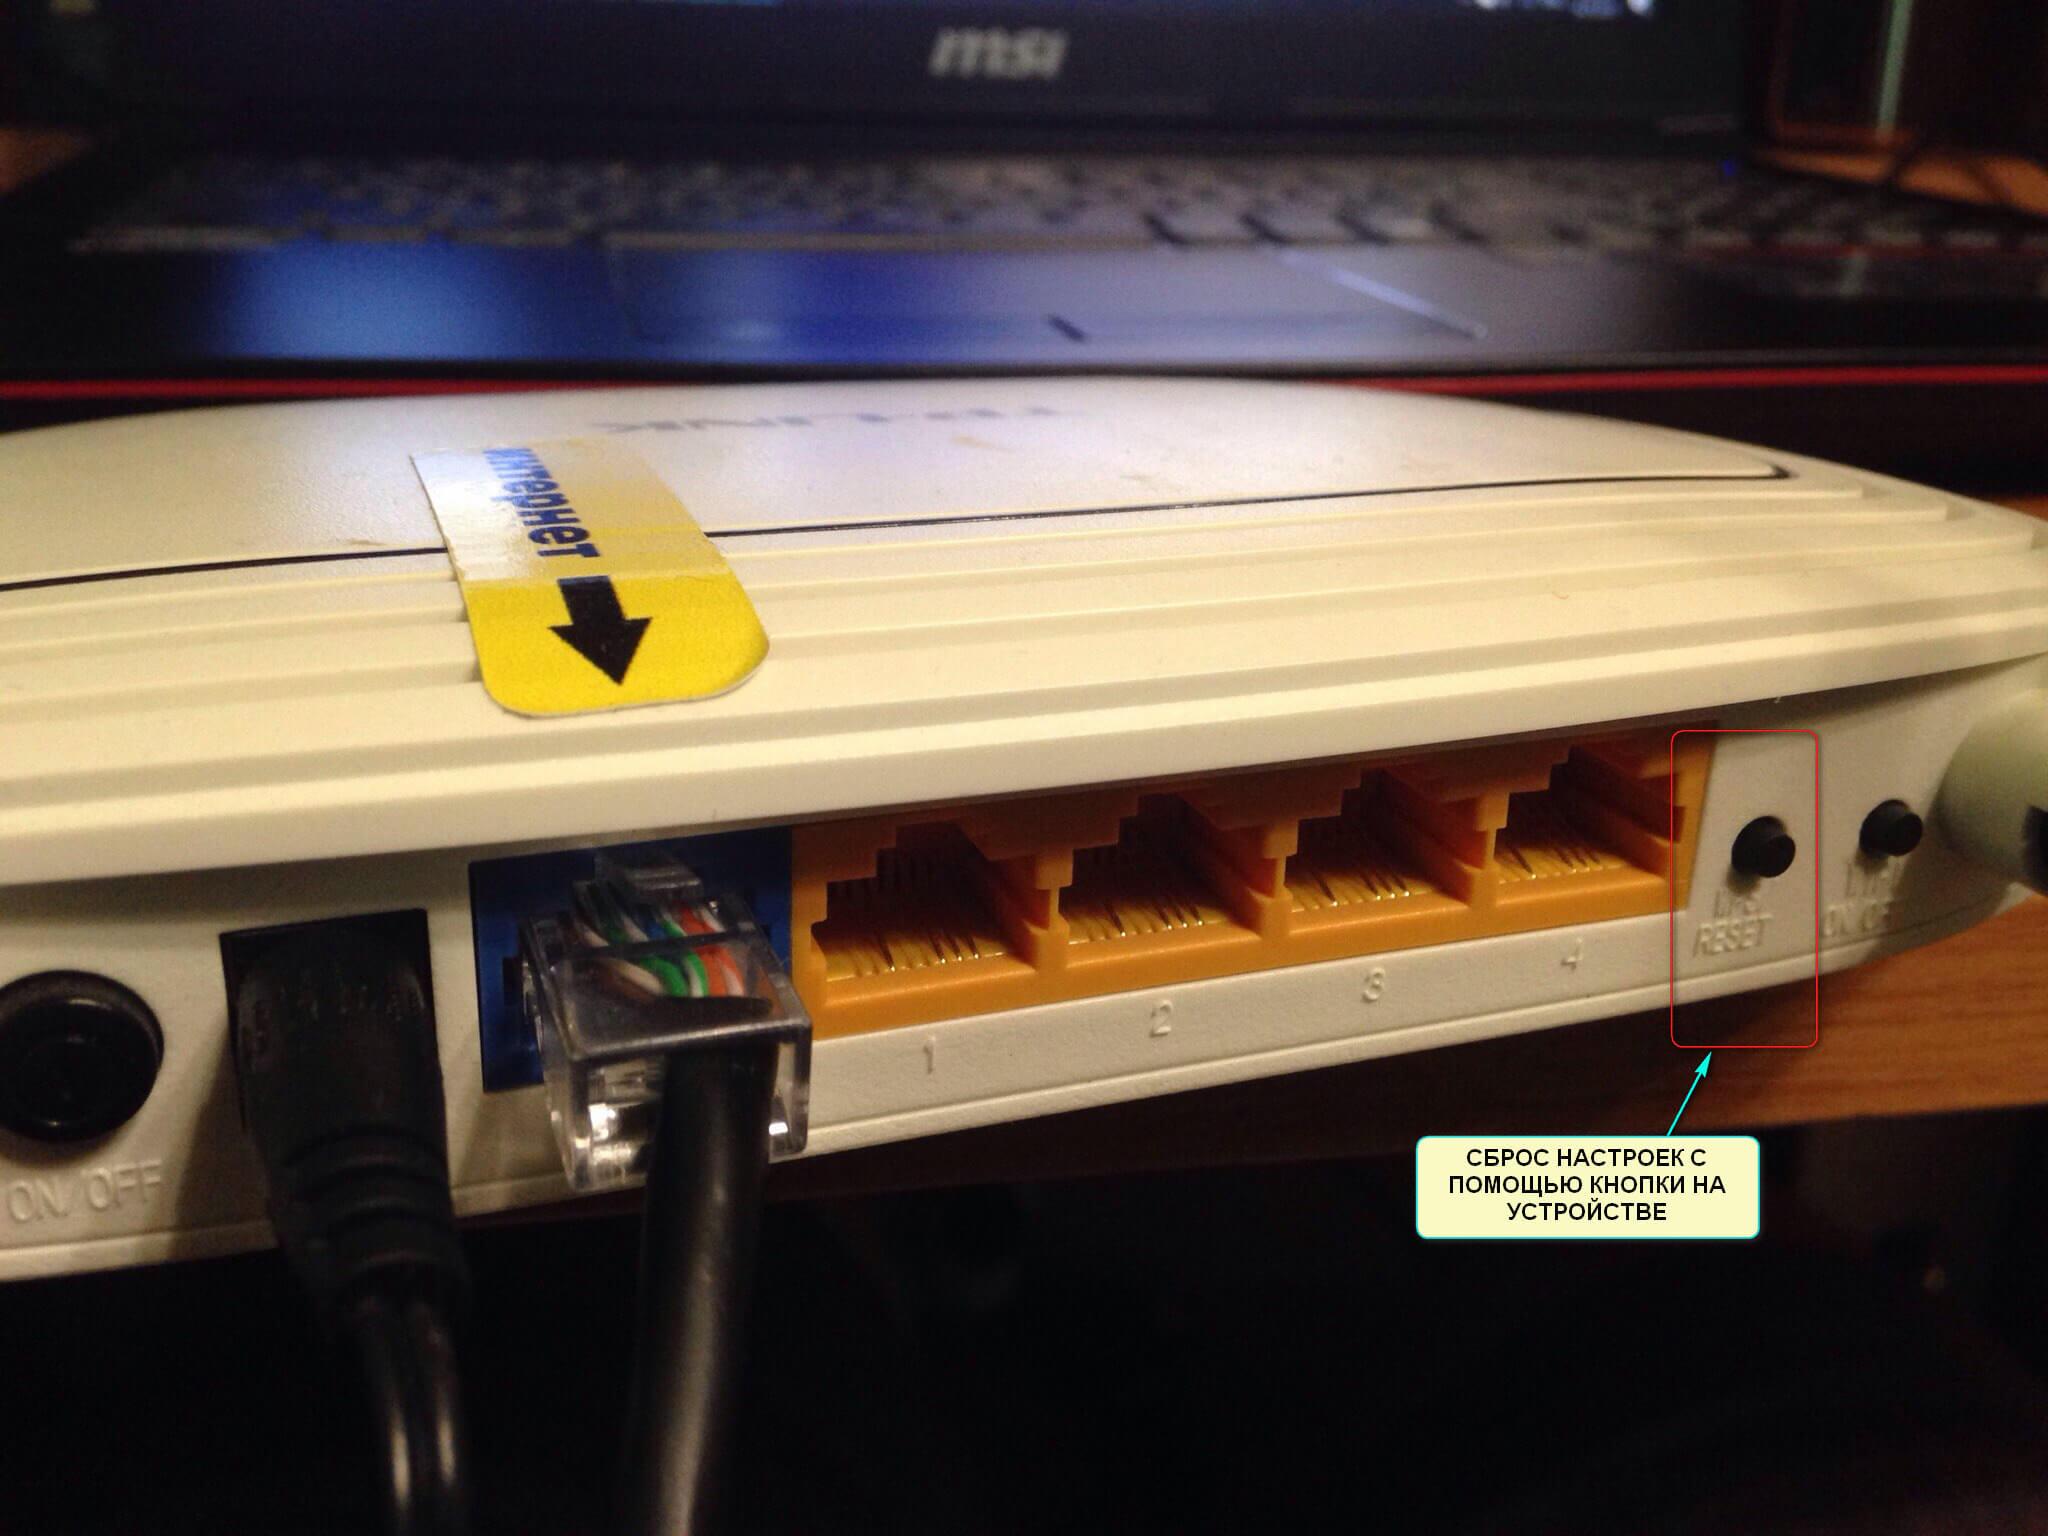 Вид на кнопку сброса настроек в роутере TP Link